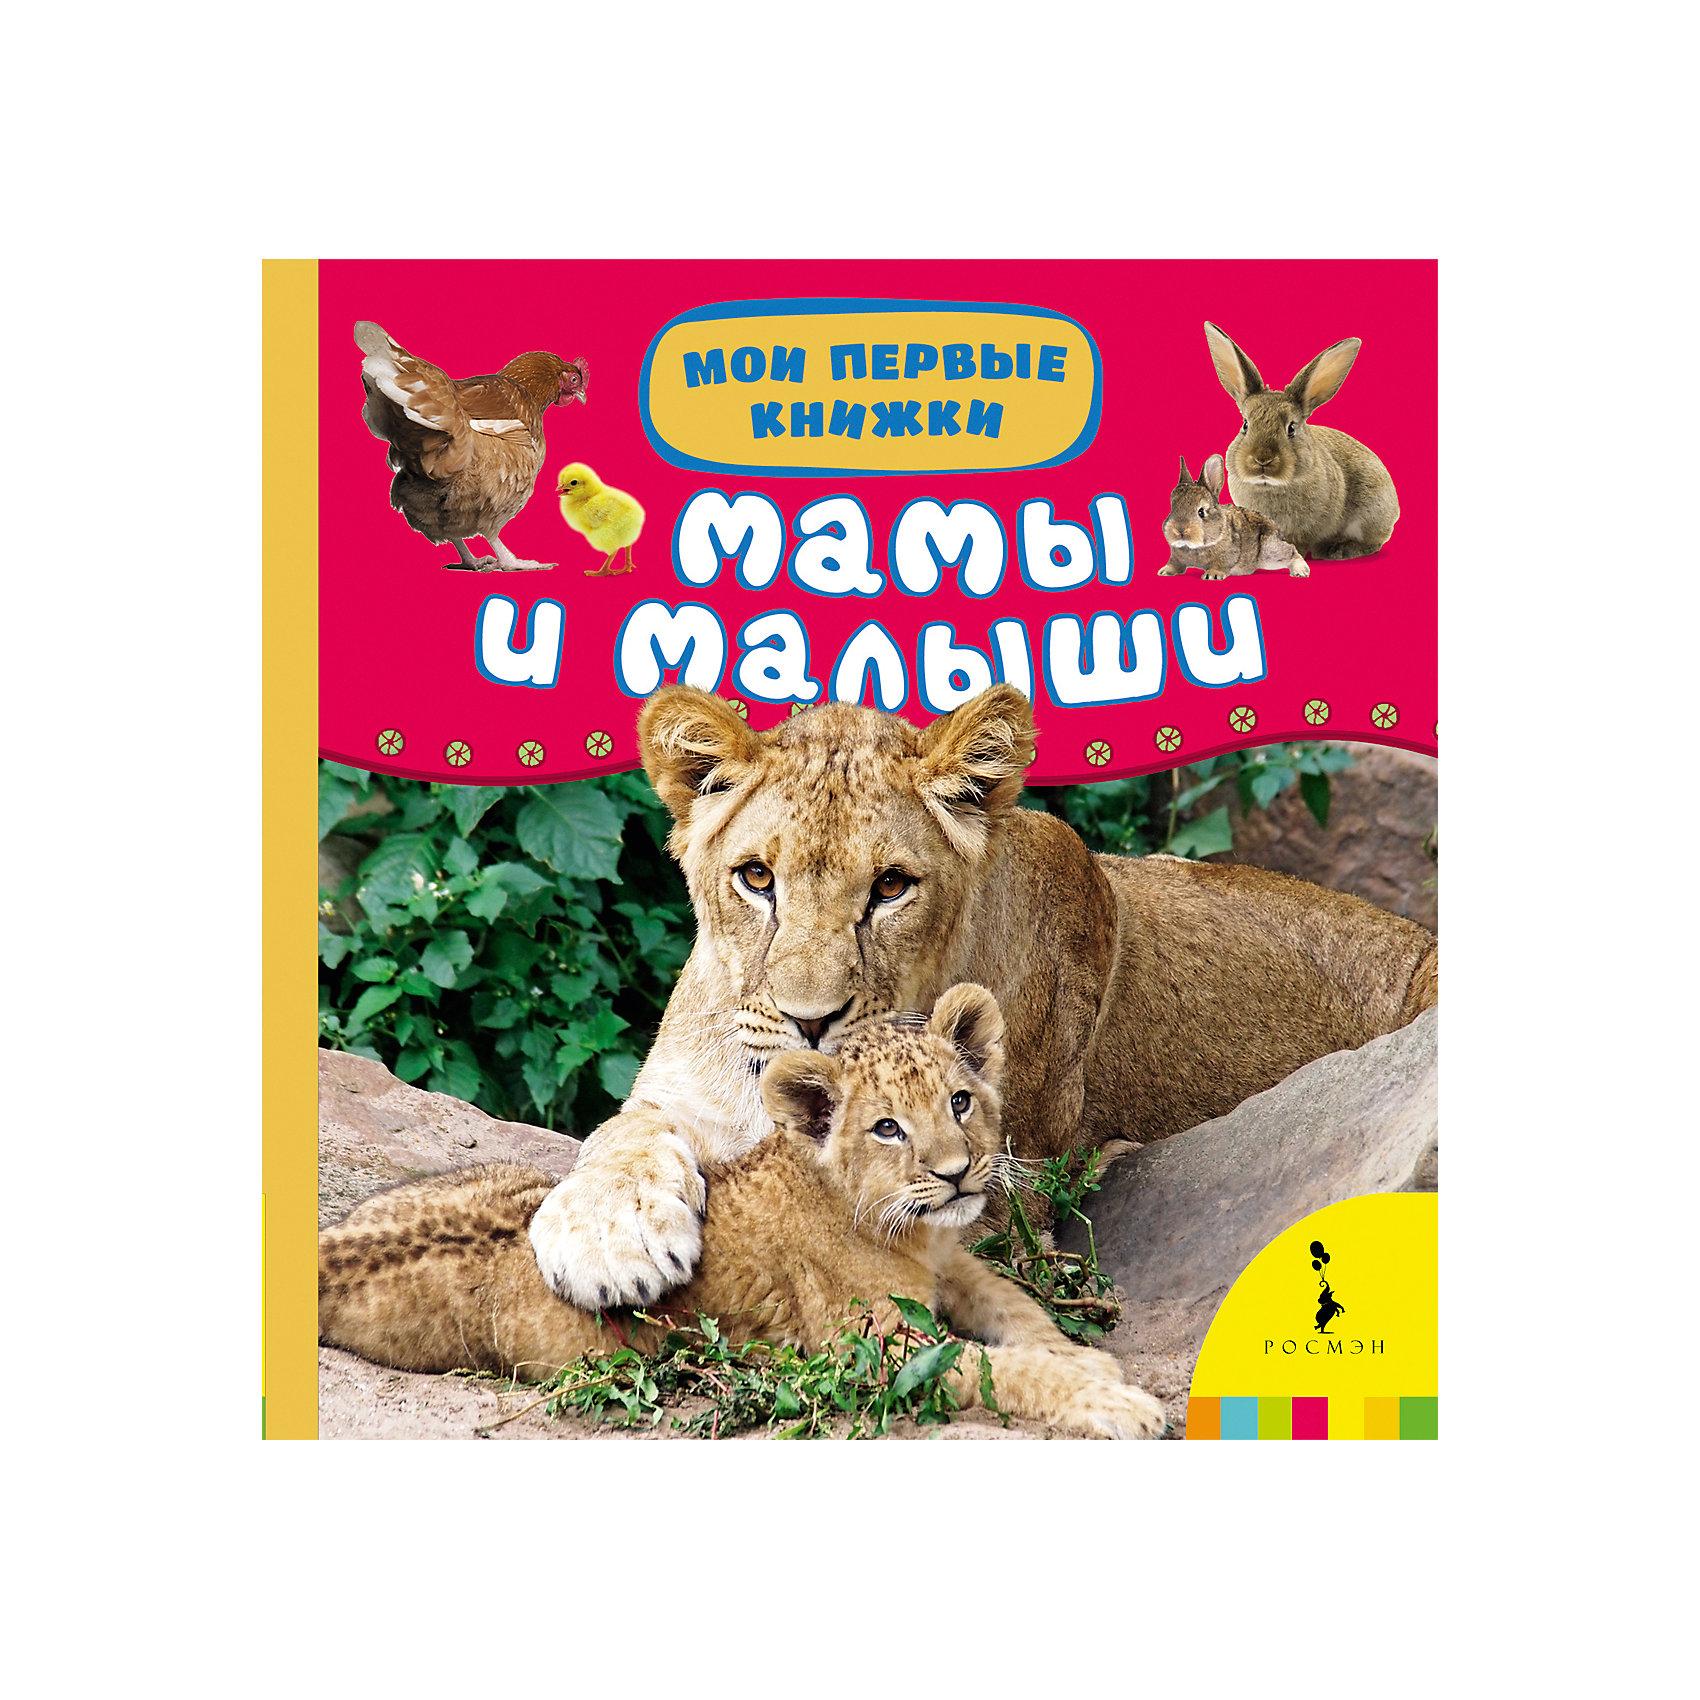 Мамы и малыши, Мои первые книжкиЭнциклопедии для малышей<br>Характеристики товара:<br><br>- цвет: разноцветный;<br>- материал: бумага;<br>- страниц: 14;<br>- формат: 17 х 17 см;<br>- обложка: картон;<br>- для чтения детям. <br><br>Издания серии Мои первые книжки - отличный способ занять ребенка! Эта красочная книга станет отличным подарком для родителей и малыша. Она содержит в себе полезную информацию и яркие картинки, которые так любят дети. Отличный способ привить малышу любовь к чтению и начать обучение!<br>Чтение и рассматривание картинок даже в юном возрасте помогает ребенку развивать память, концентрацию внимания и воображение. Издание произведено из качественных материалов, которые безопасны даже для самых маленьких.<br><br>Издание Мамы и малыши (Мои первые книжки) от компании Росмэн можно купить в нашем интернет-магазине.<br><br>Ширина мм: 165<br>Глубина мм: 165<br>Высота мм: 20<br>Вес г: 310<br>Возраст от месяцев: 0<br>Возраст до месяцев: 36<br>Пол: Унисекс<br>Возраст: Детский<br>SKU: 5110087